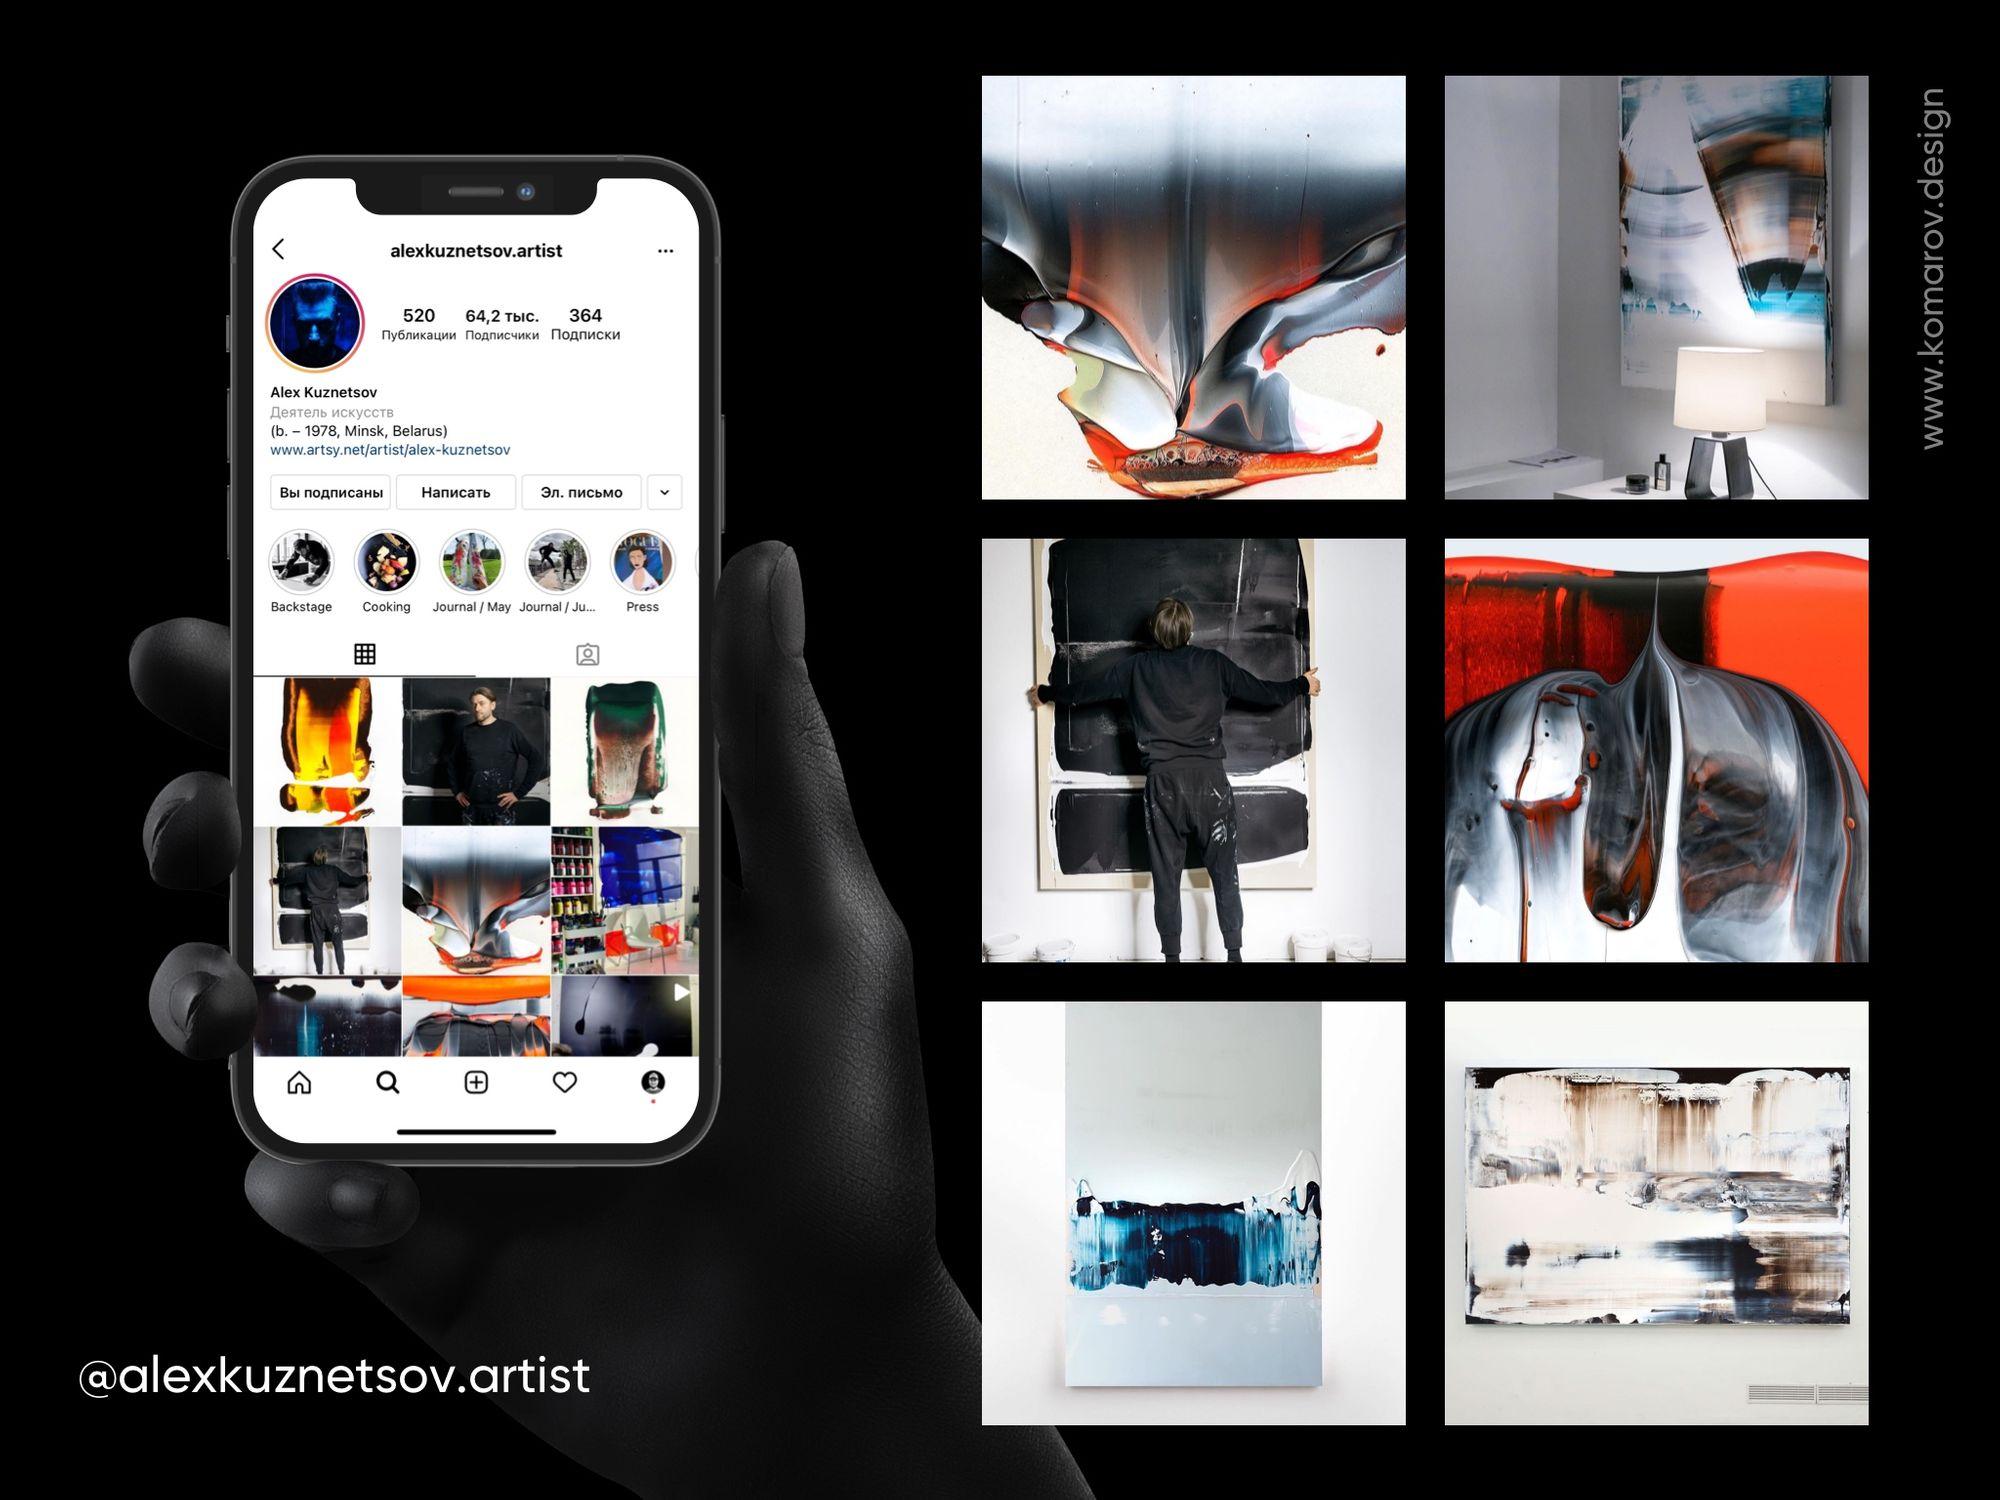 Инстаграм-аккаунт об искусстве